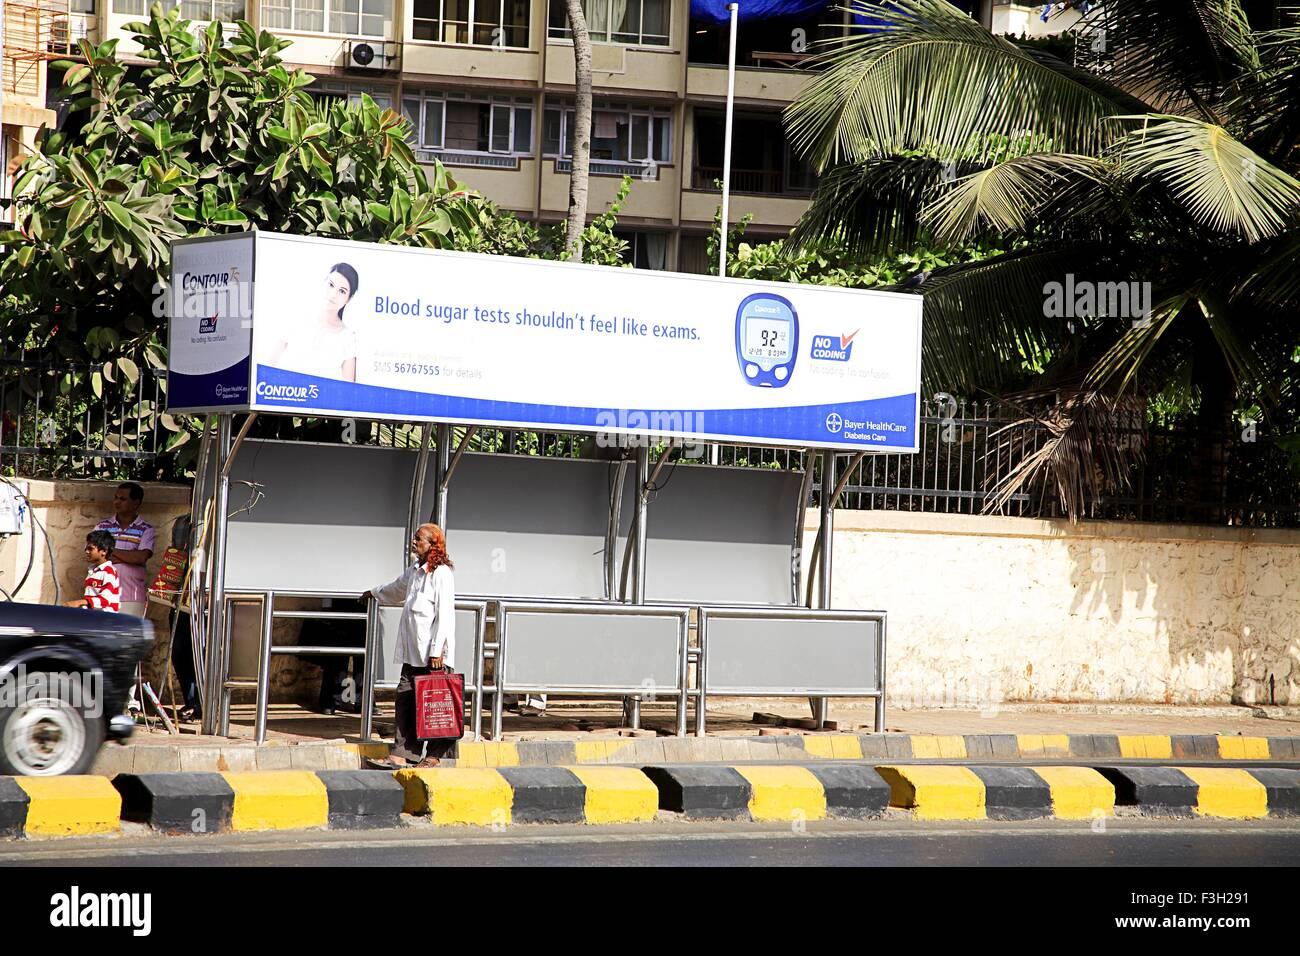 Publicidad hording contour ts sistema de monitoreo de glucosa en la sangre, parada de autobús Bhulabhai Desai Imagen De Stock